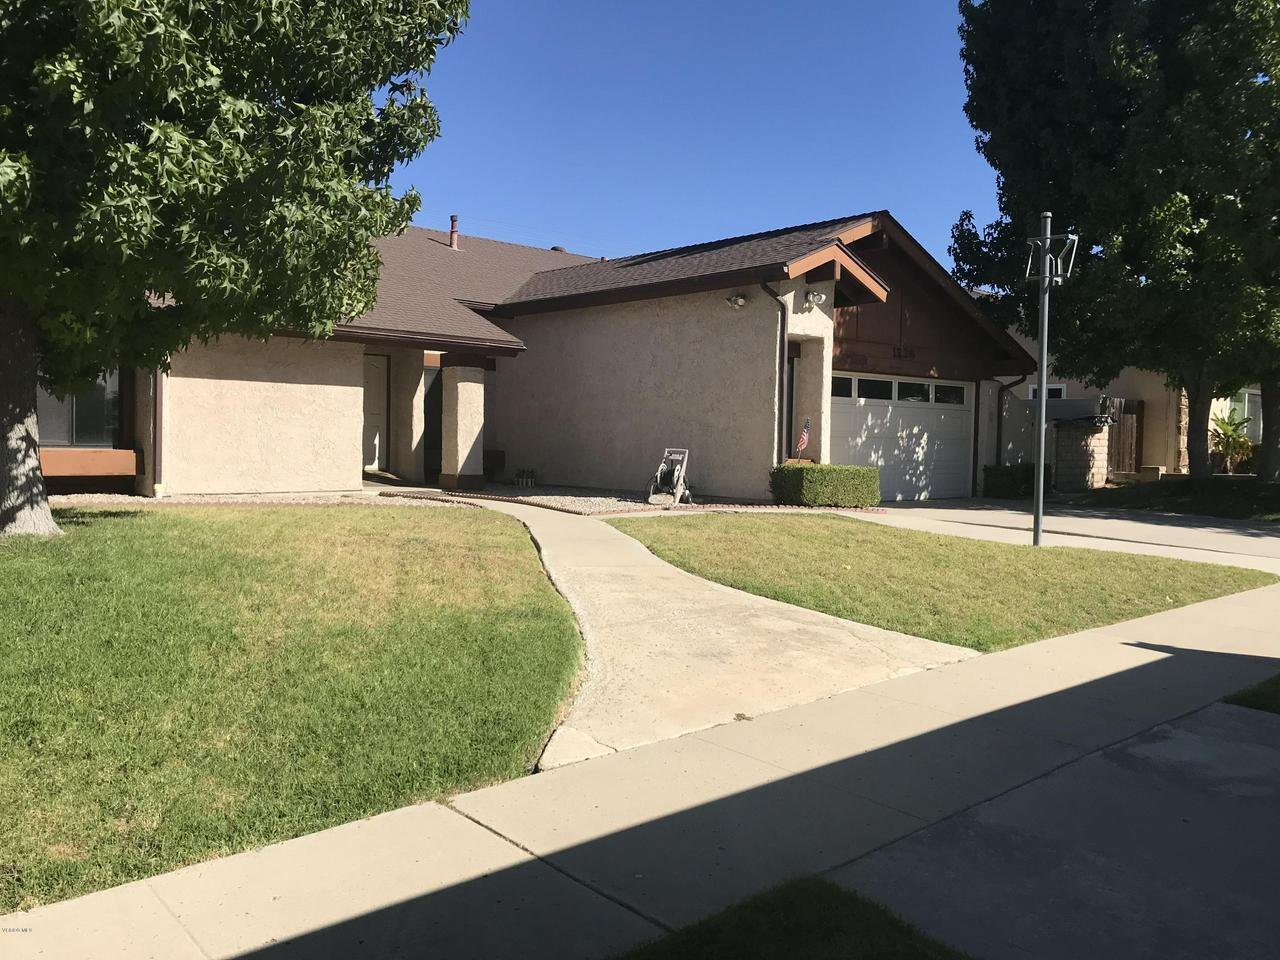 1268 ACAPULCO, Simi Valley, CA 93065 - O3y1Sdh7SemYpcuveQvP7A